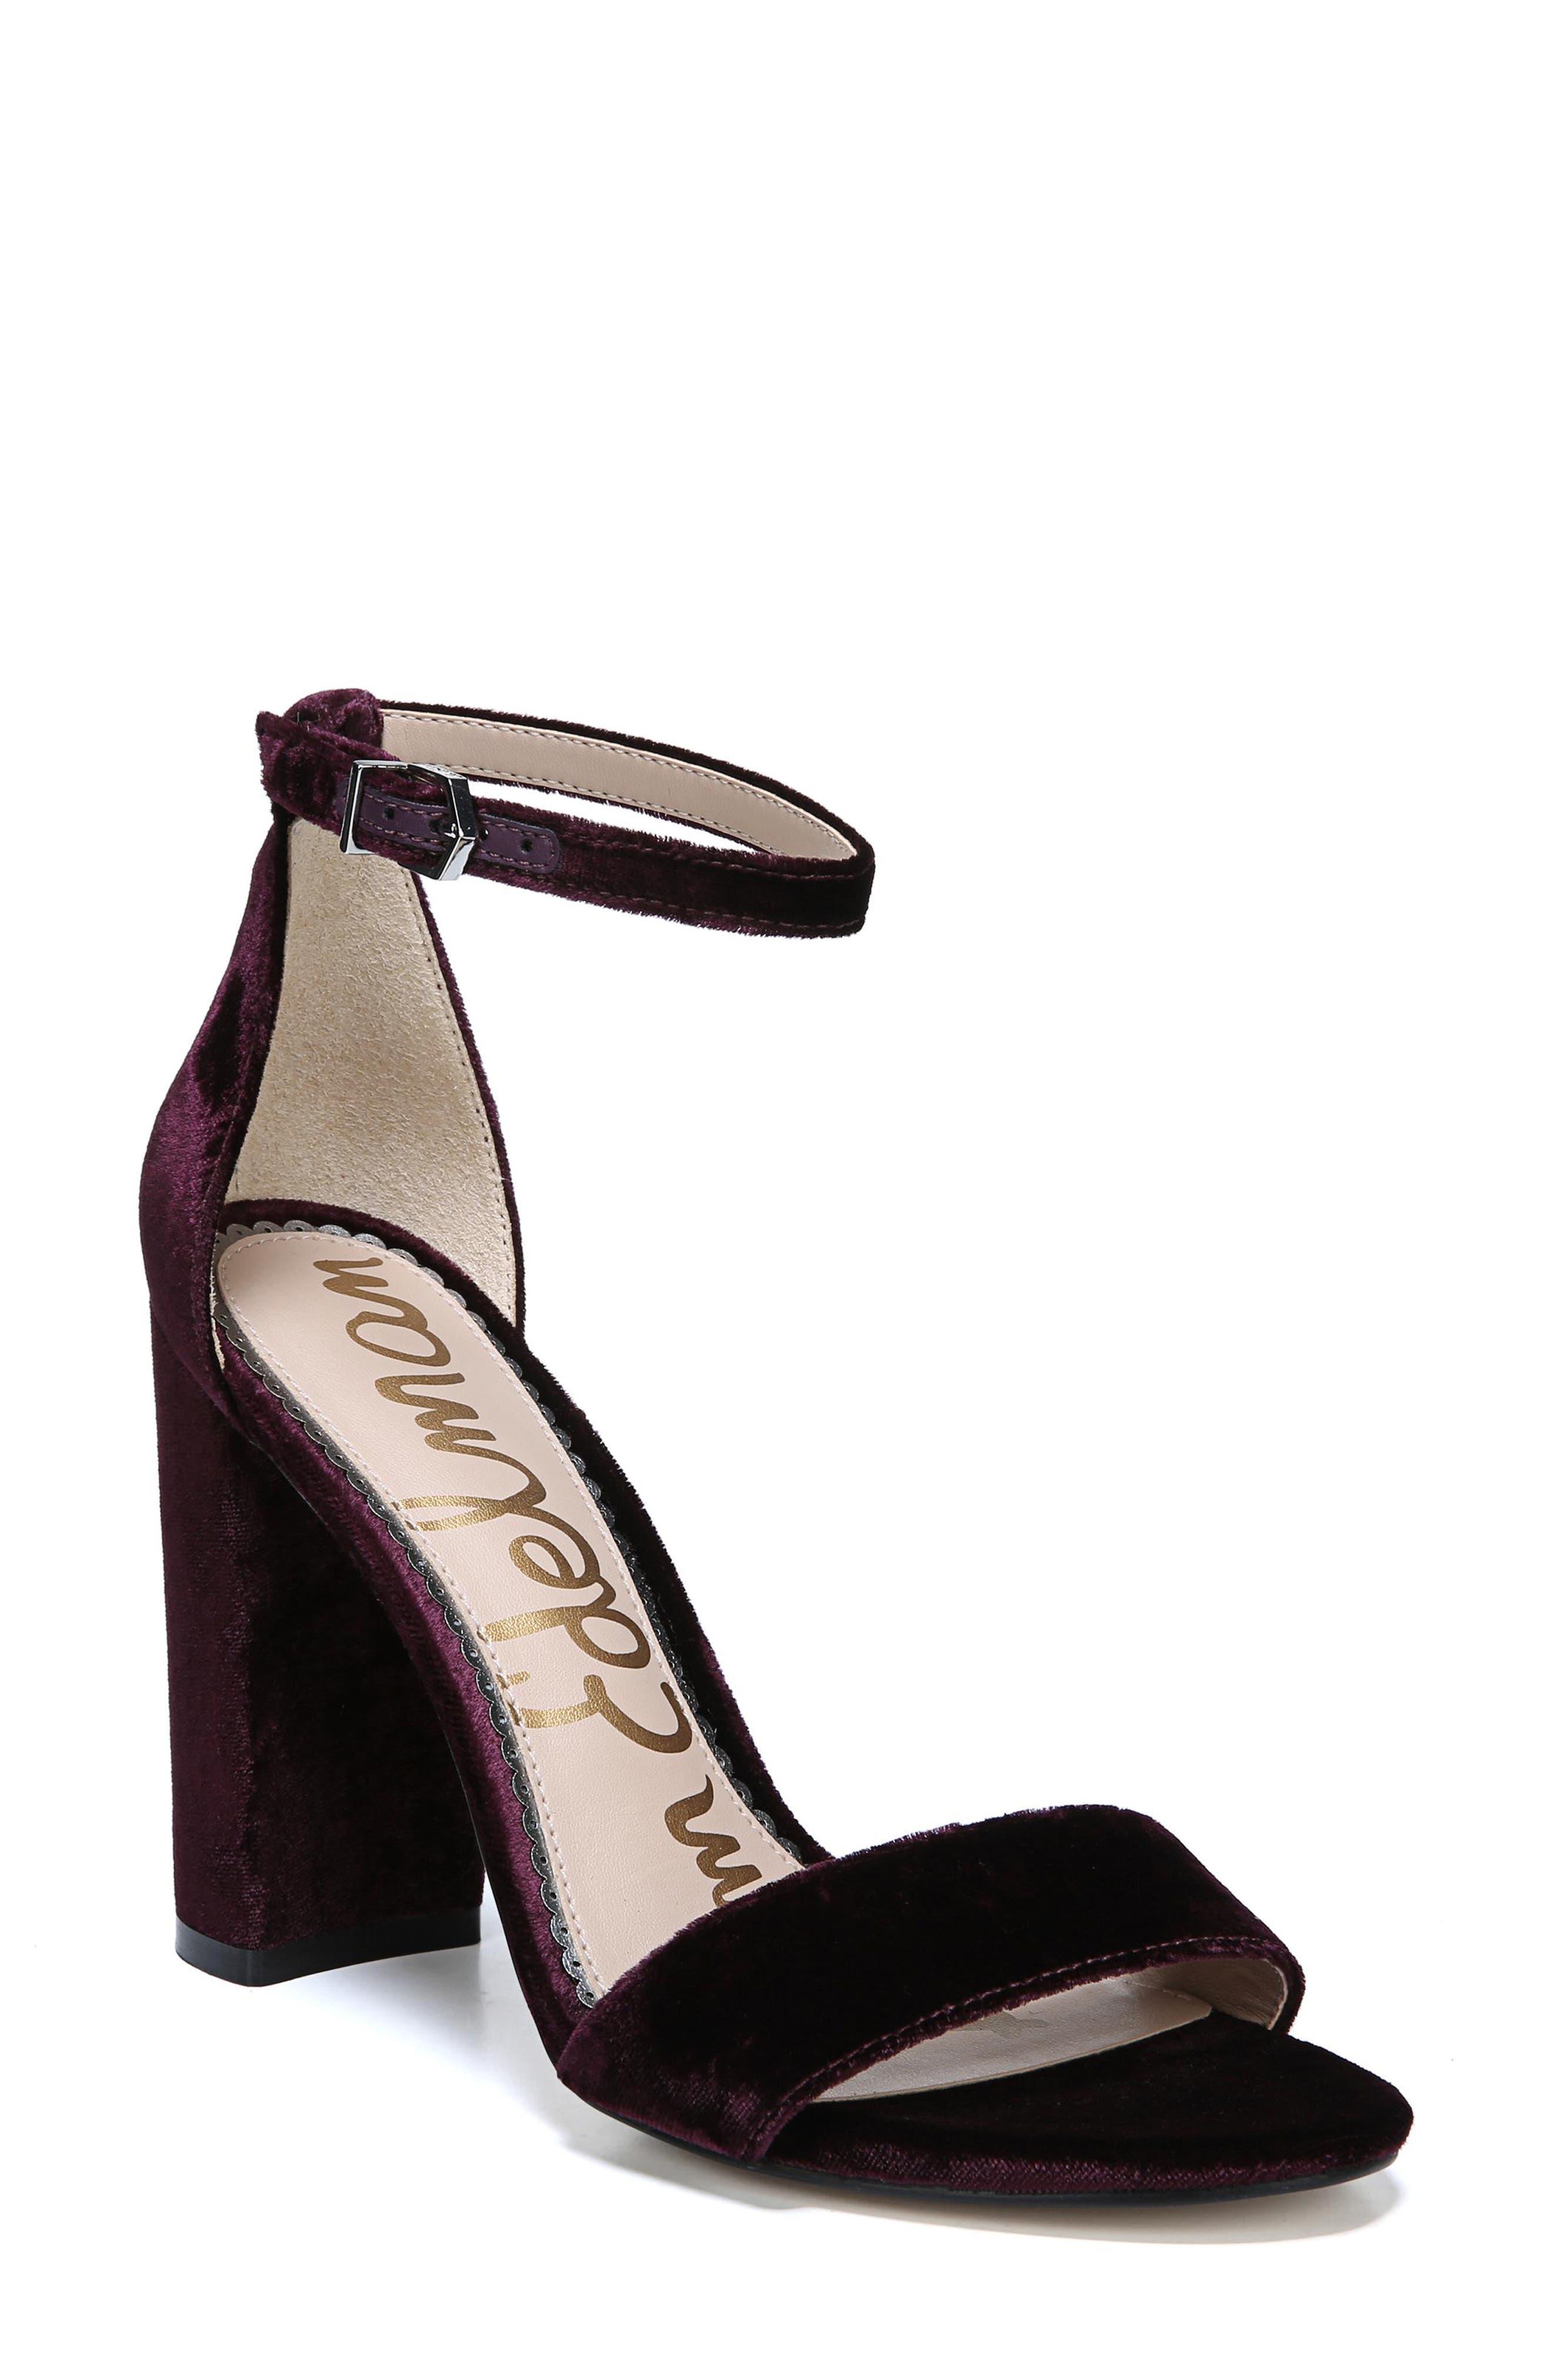 Image of Sam Edelman Yaro Block Heel Sandal